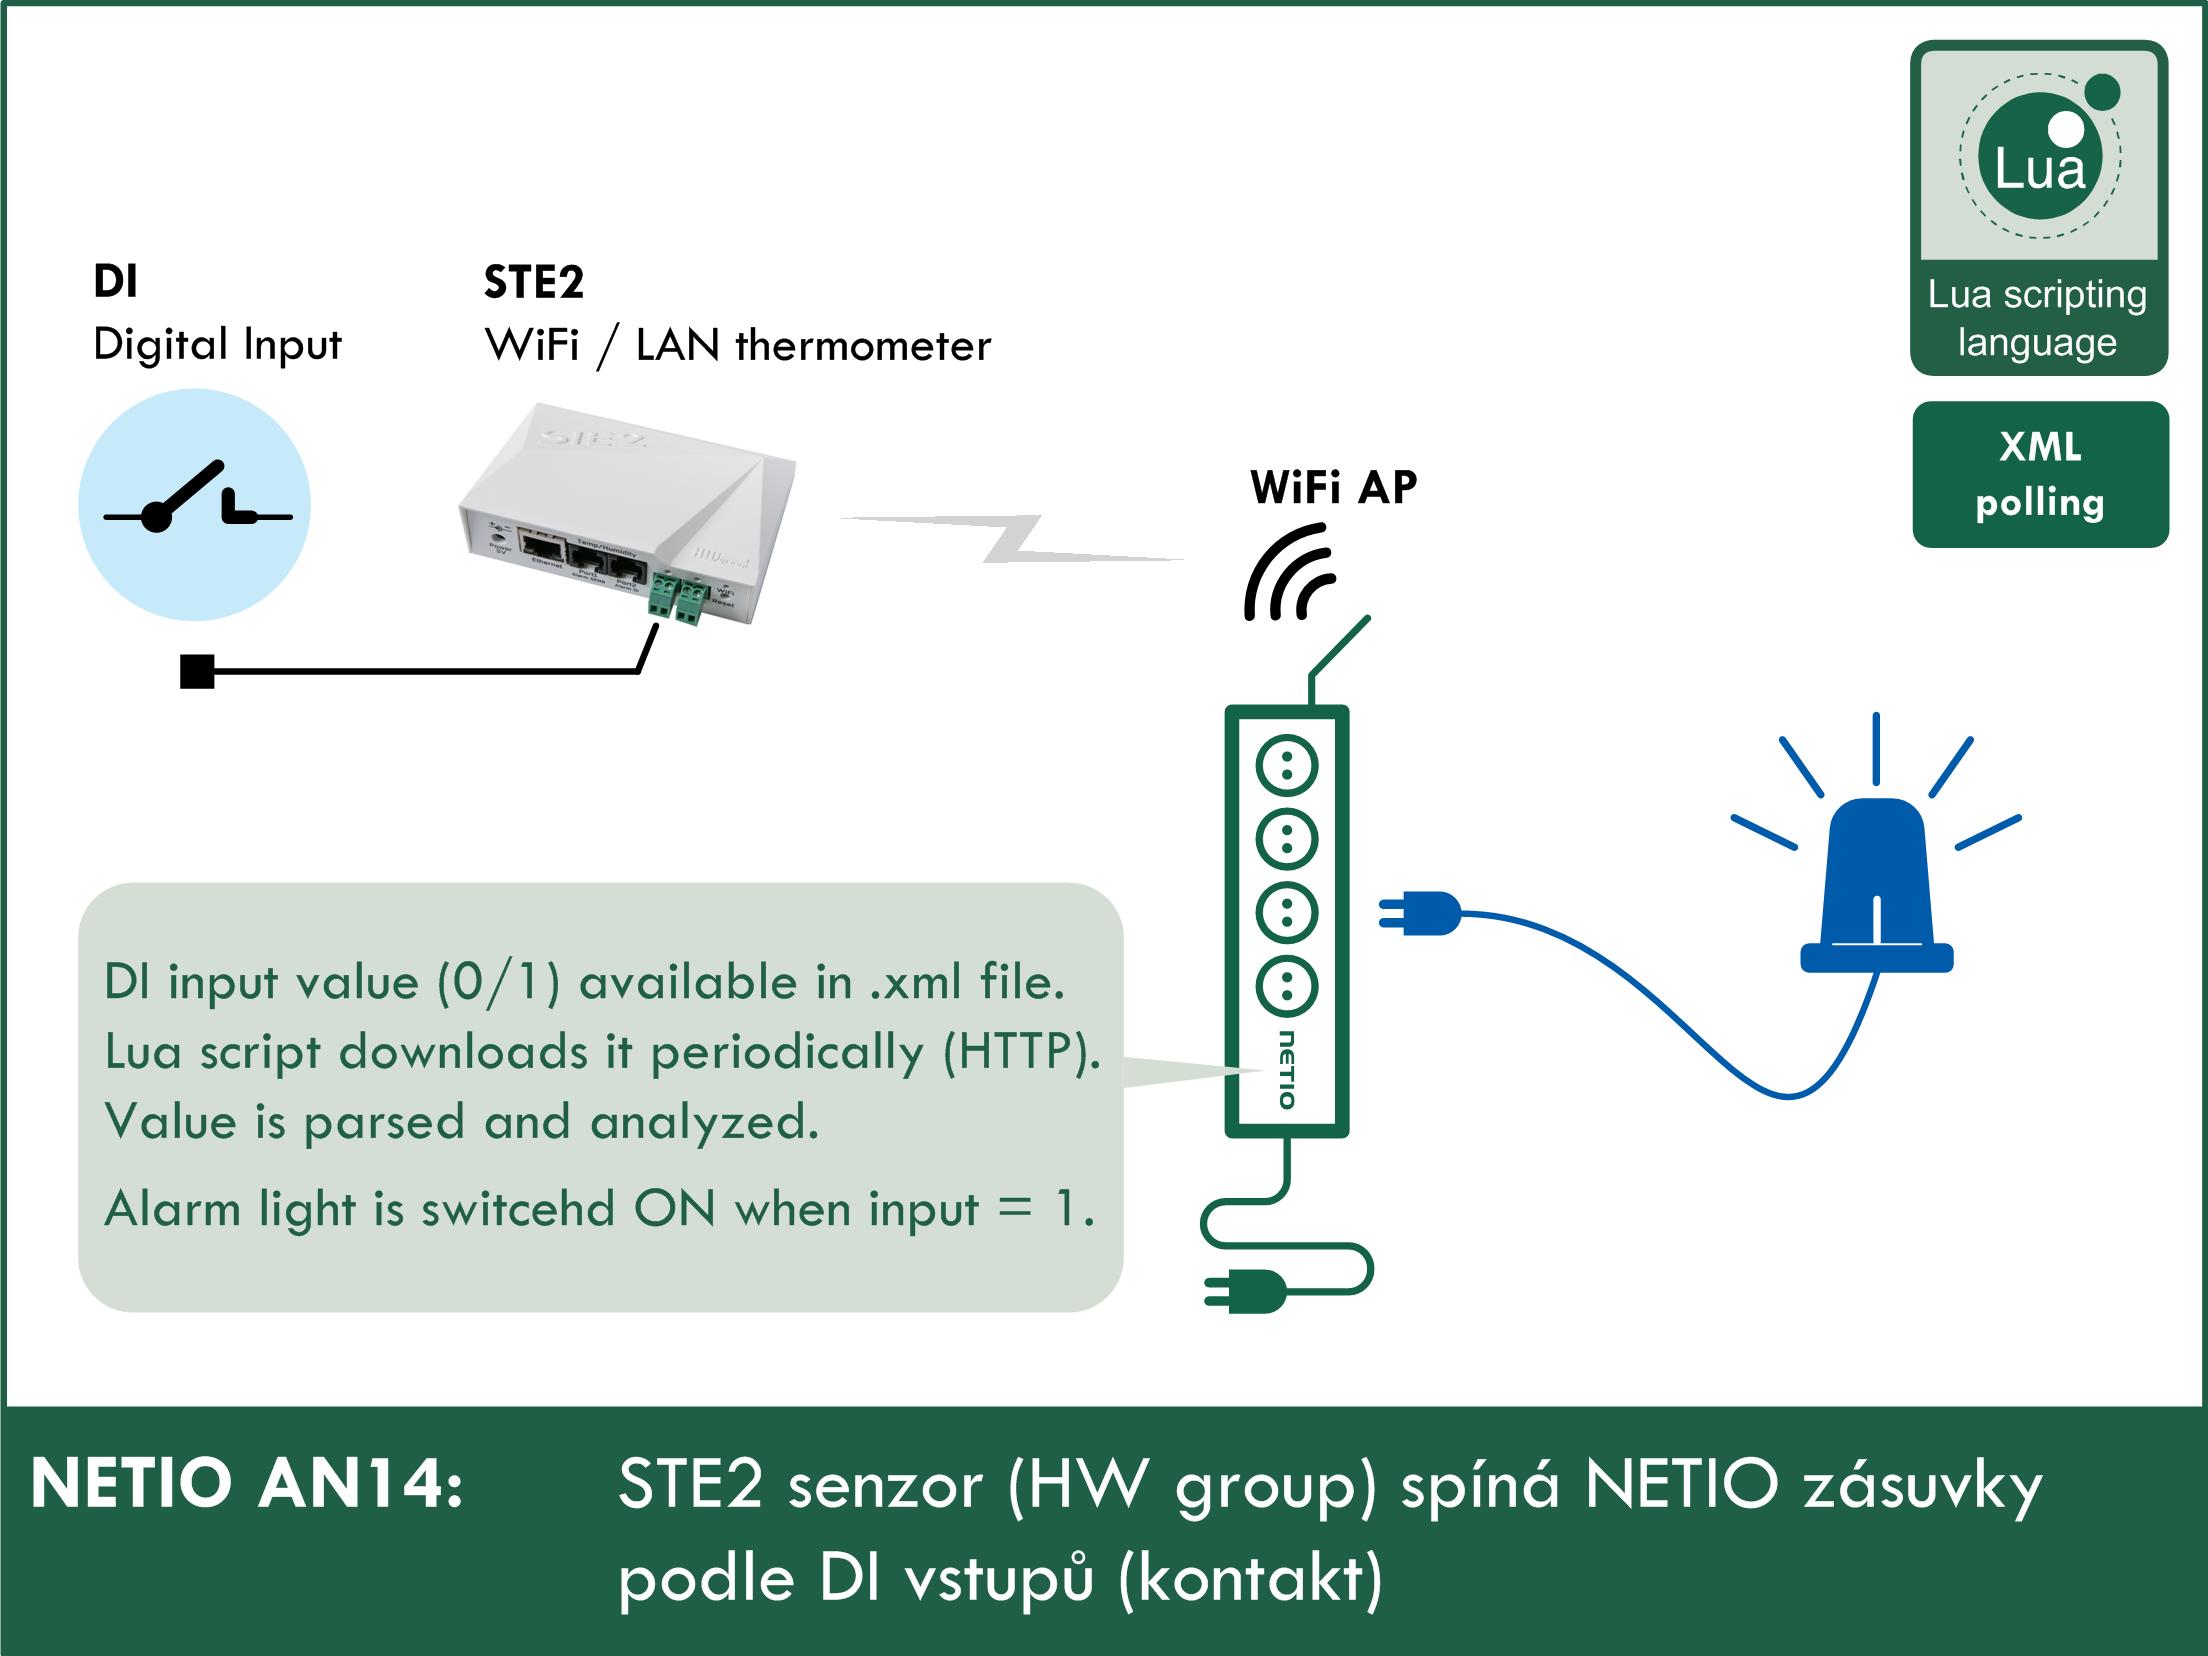 AN14 STE2 senzor (HW group) spíná NETIO zásuvky podle DI vstupů (kontakt)